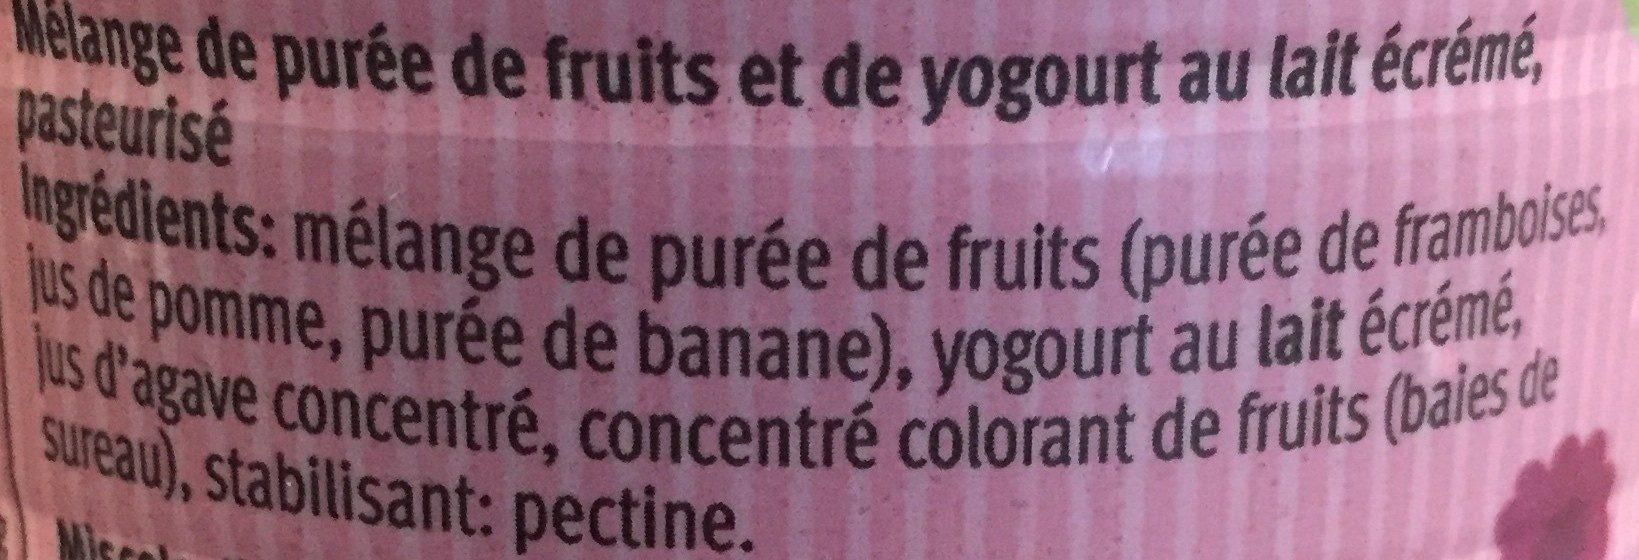 Smoothie Himbeer, Apfel, Banane - Ingrediënten